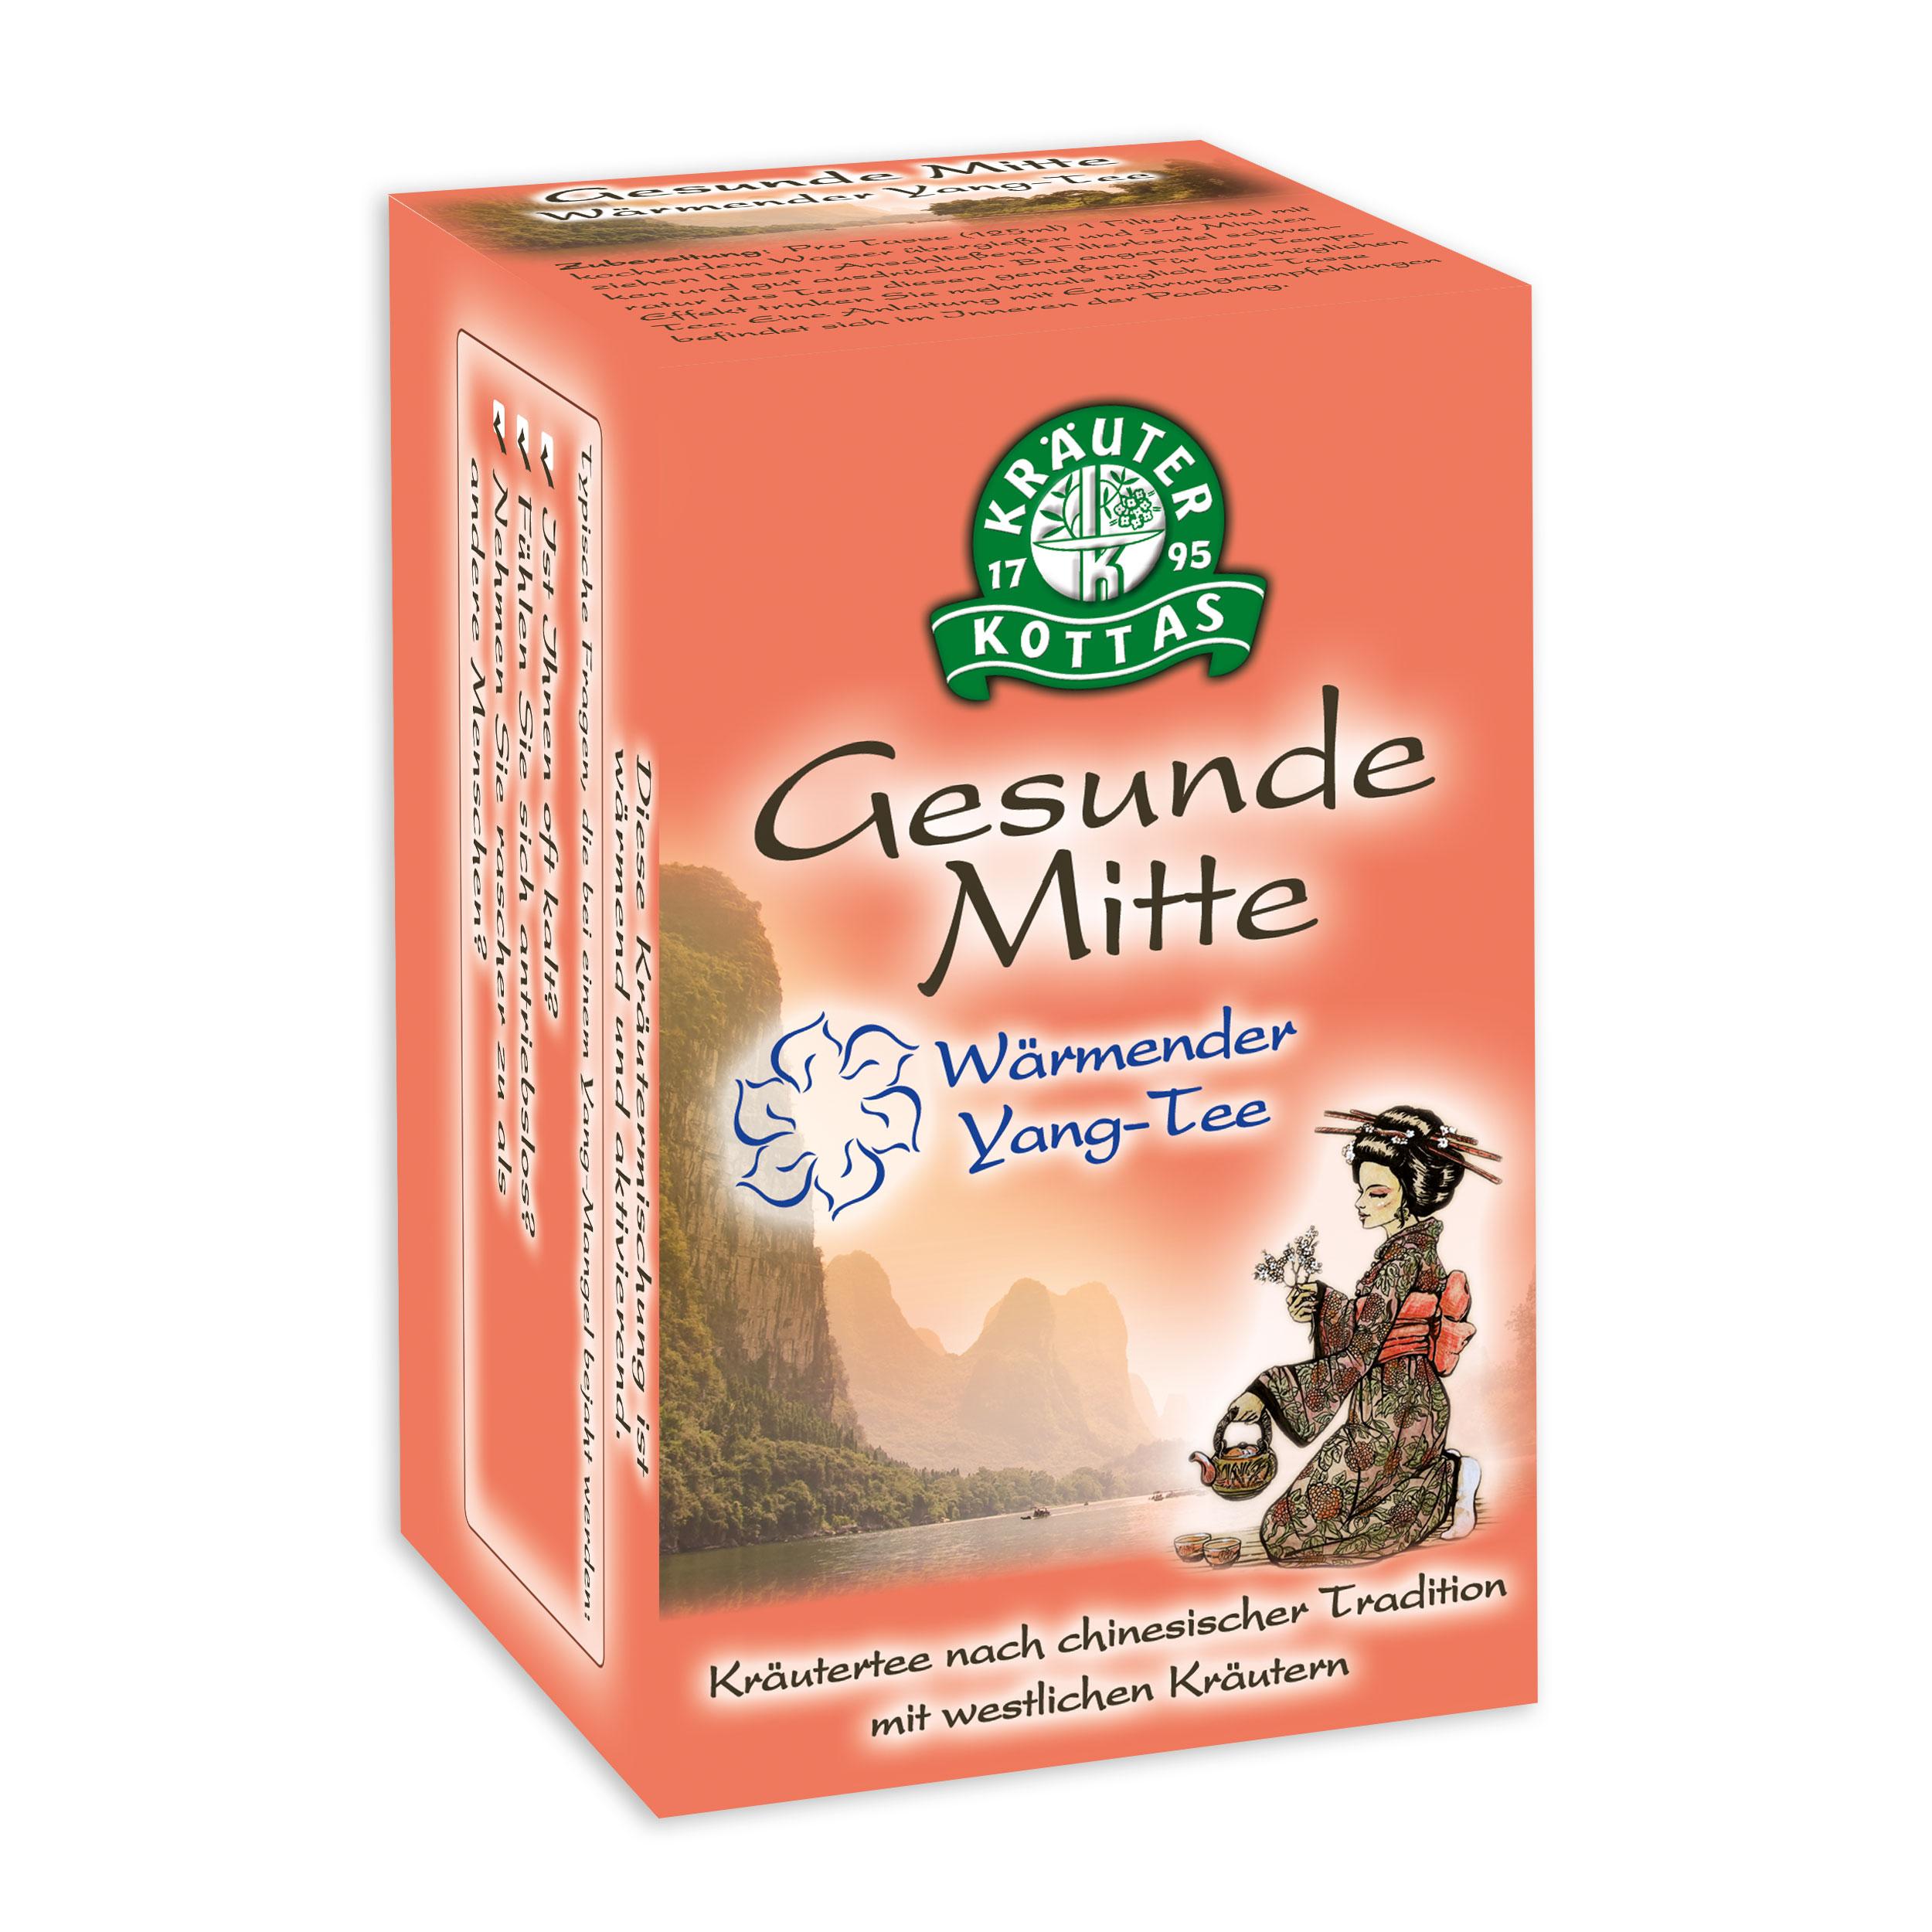 Gesunde Mitte Harmonisierender 5 Elemente Tee